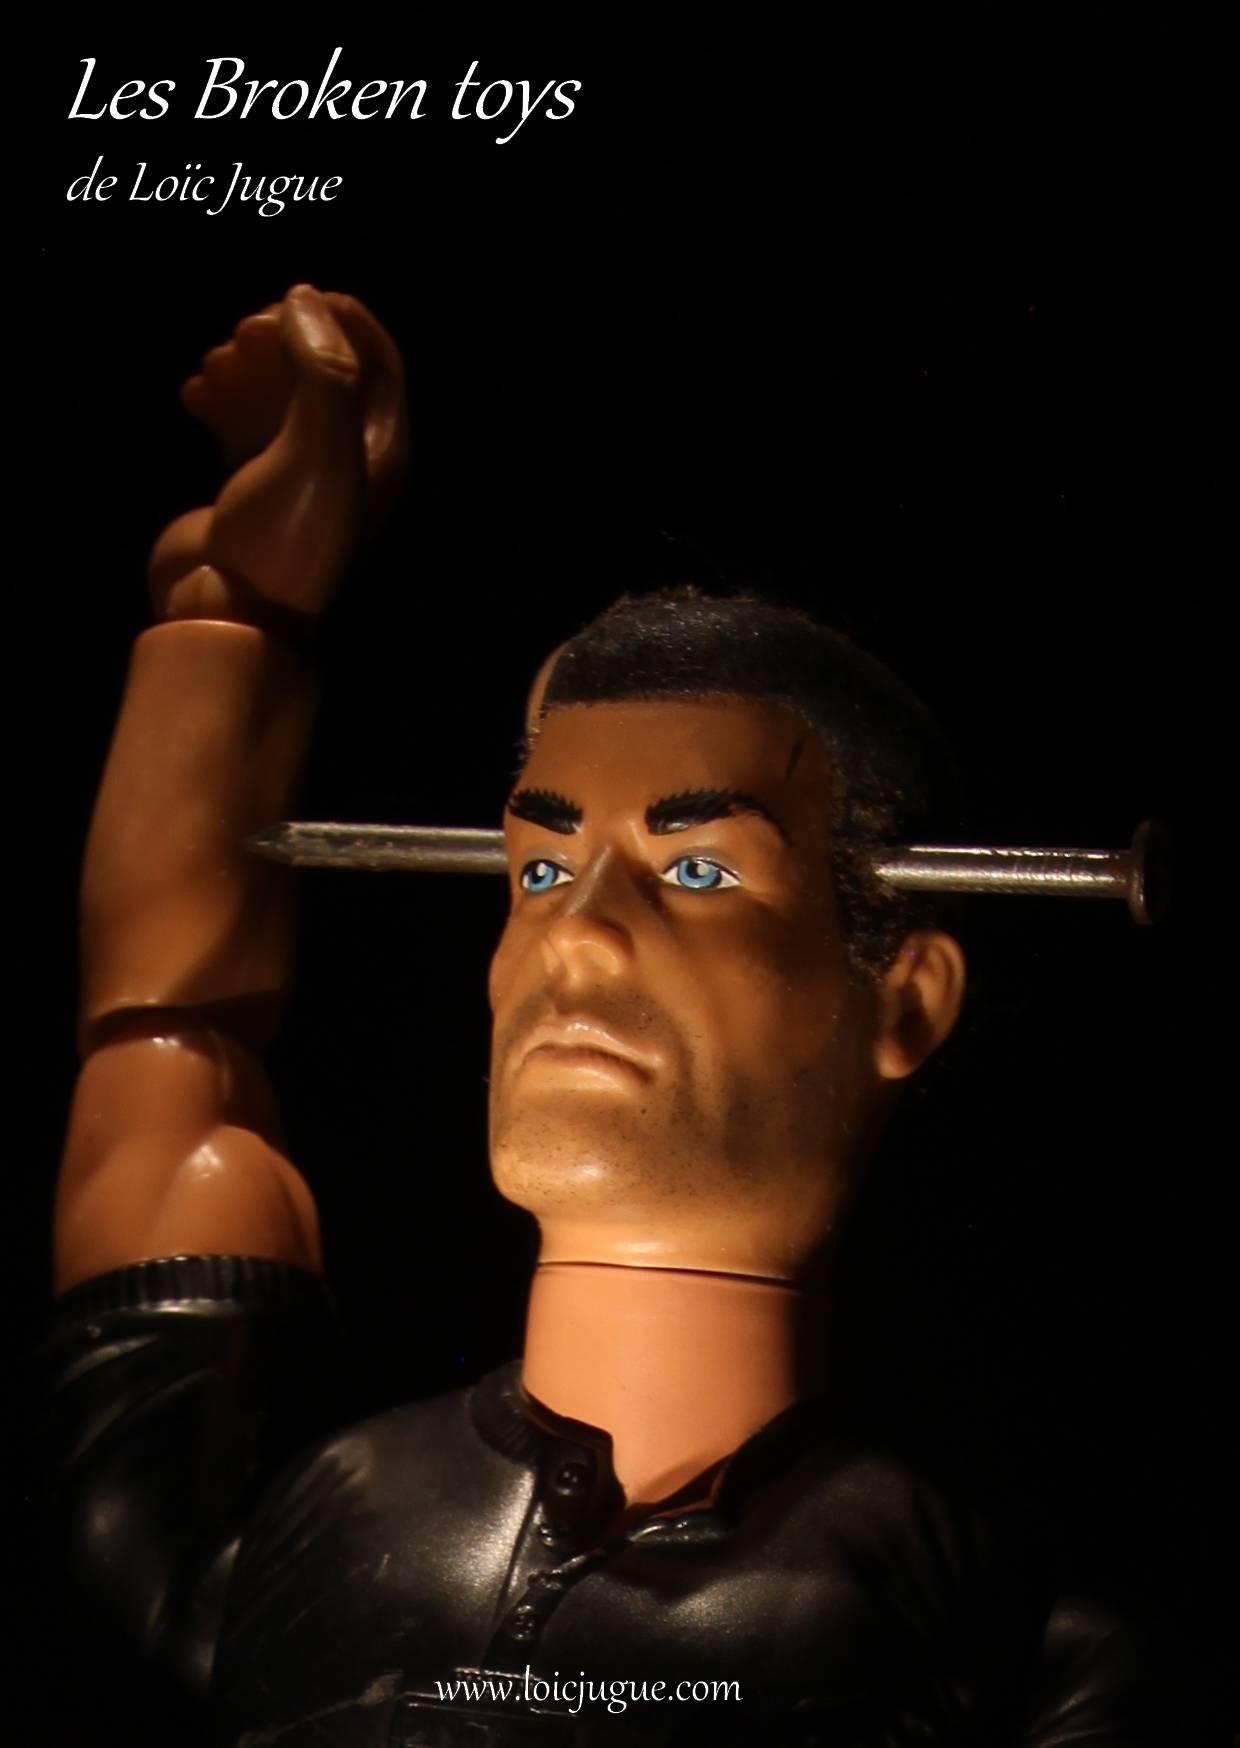 Les broken toys de Loïc Jugue: L'homme à la tête clouée (détail)